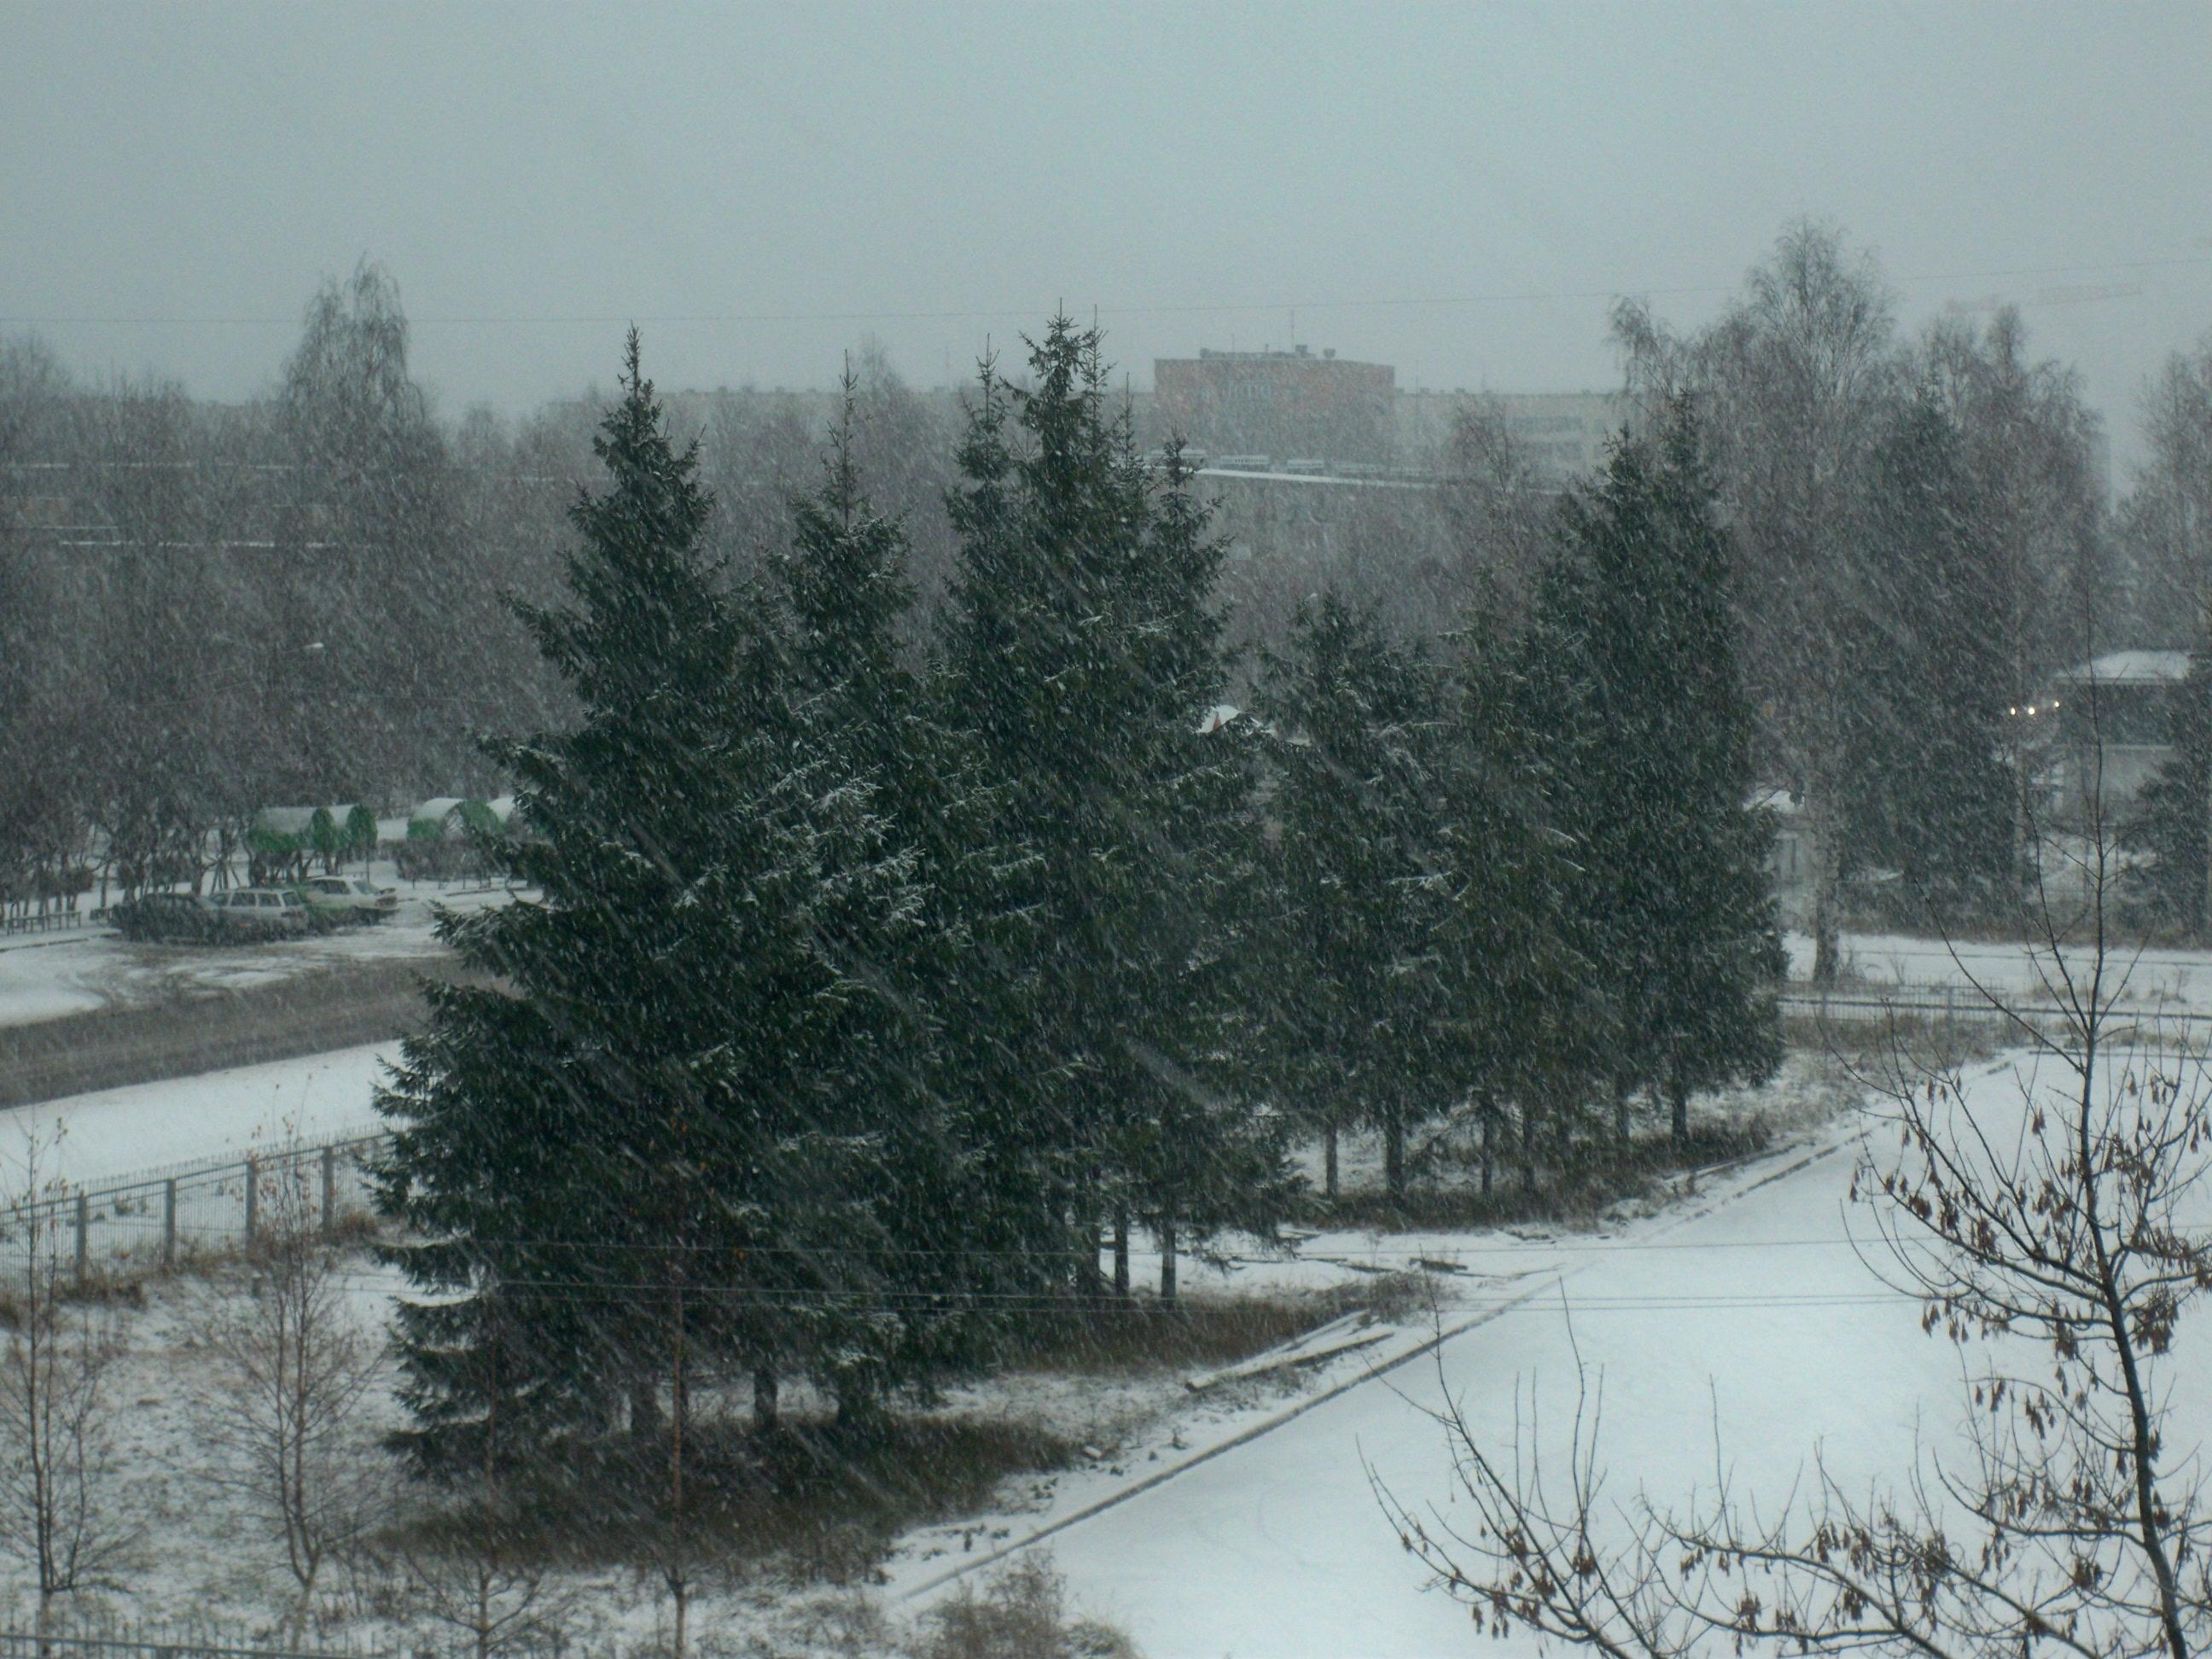 Première neige - Photo Natalia K.